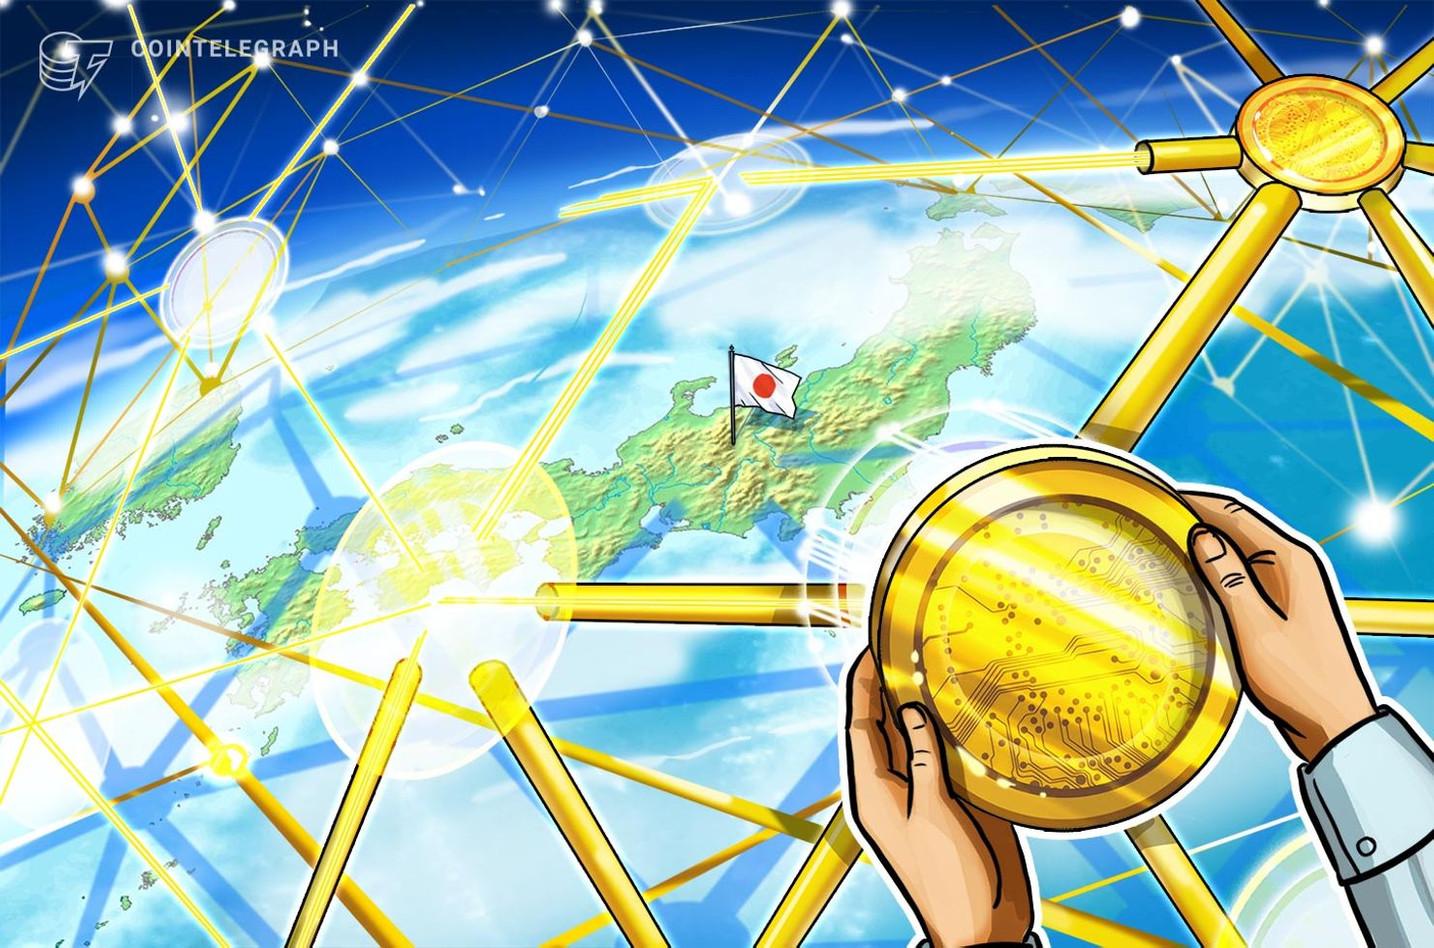 フィスコのDAppsプラットフォーム開発、フィスココインによる経済圏形成目指す